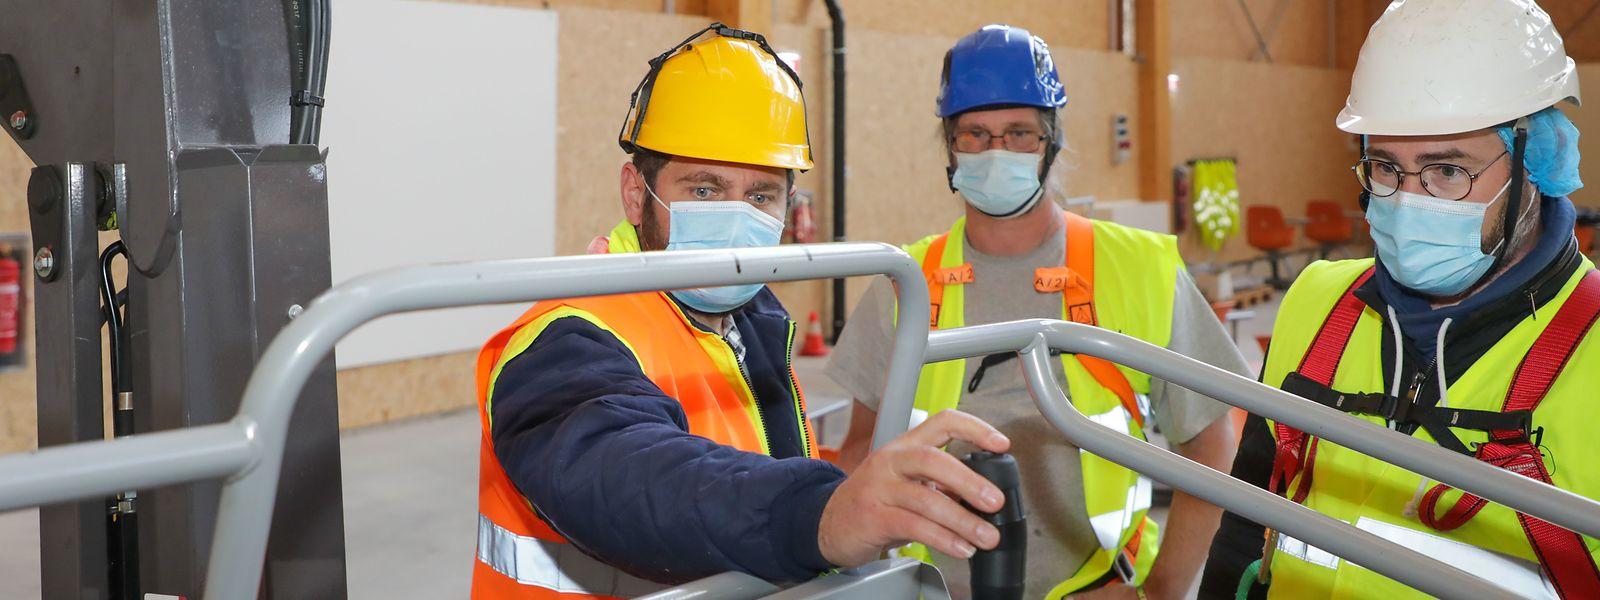 """Ouvert depuis quelques mois, le nouveau centre de compétences """"Génie technique du bâtiment"""" devra soutenir la formation de salariés à la pointe des nouvelles attentes en matière environnementale."""